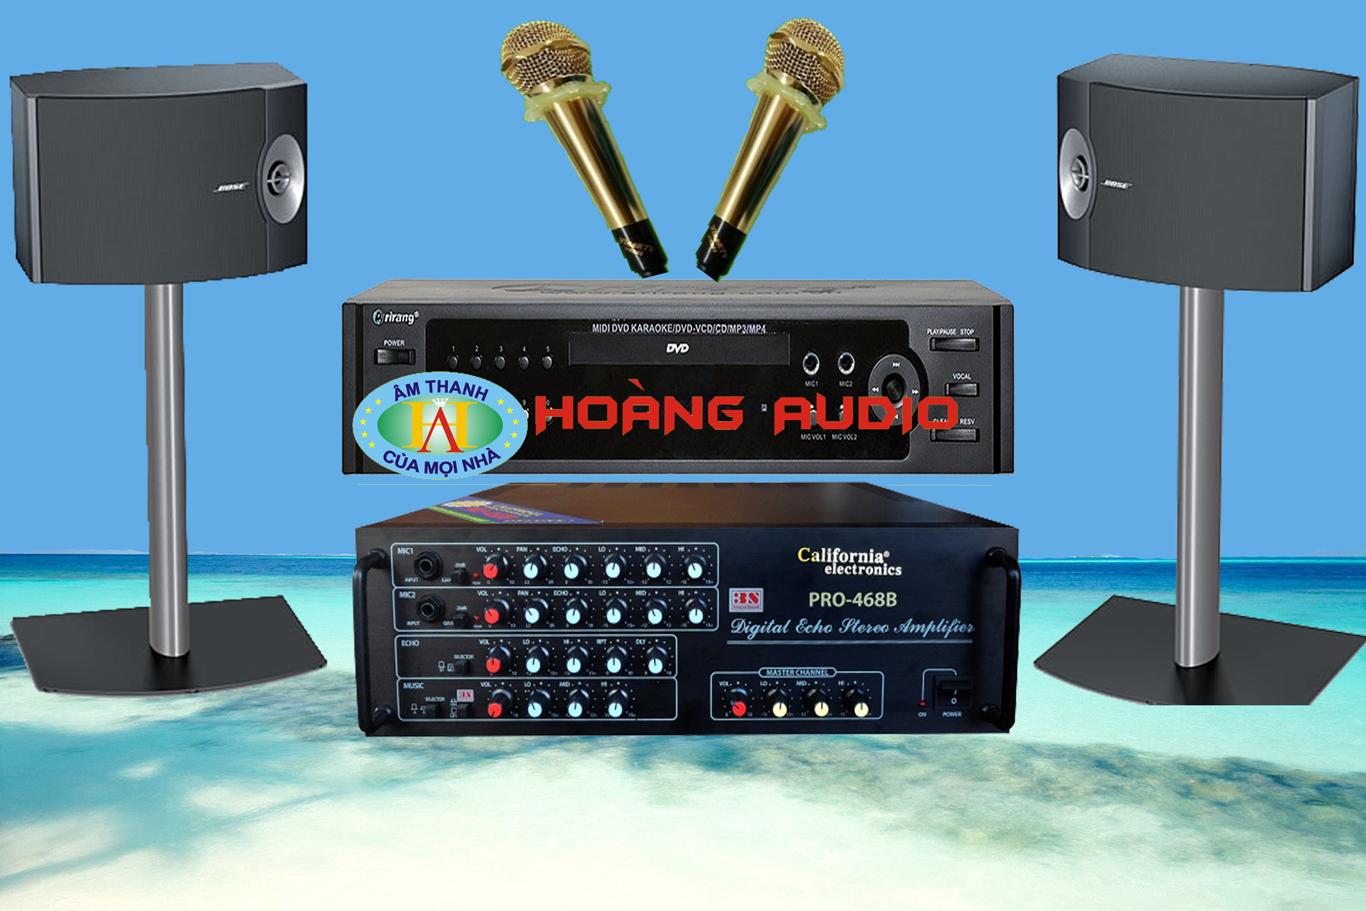 Thumbnail image for Bộ dàn karaoke gia đình HO 32